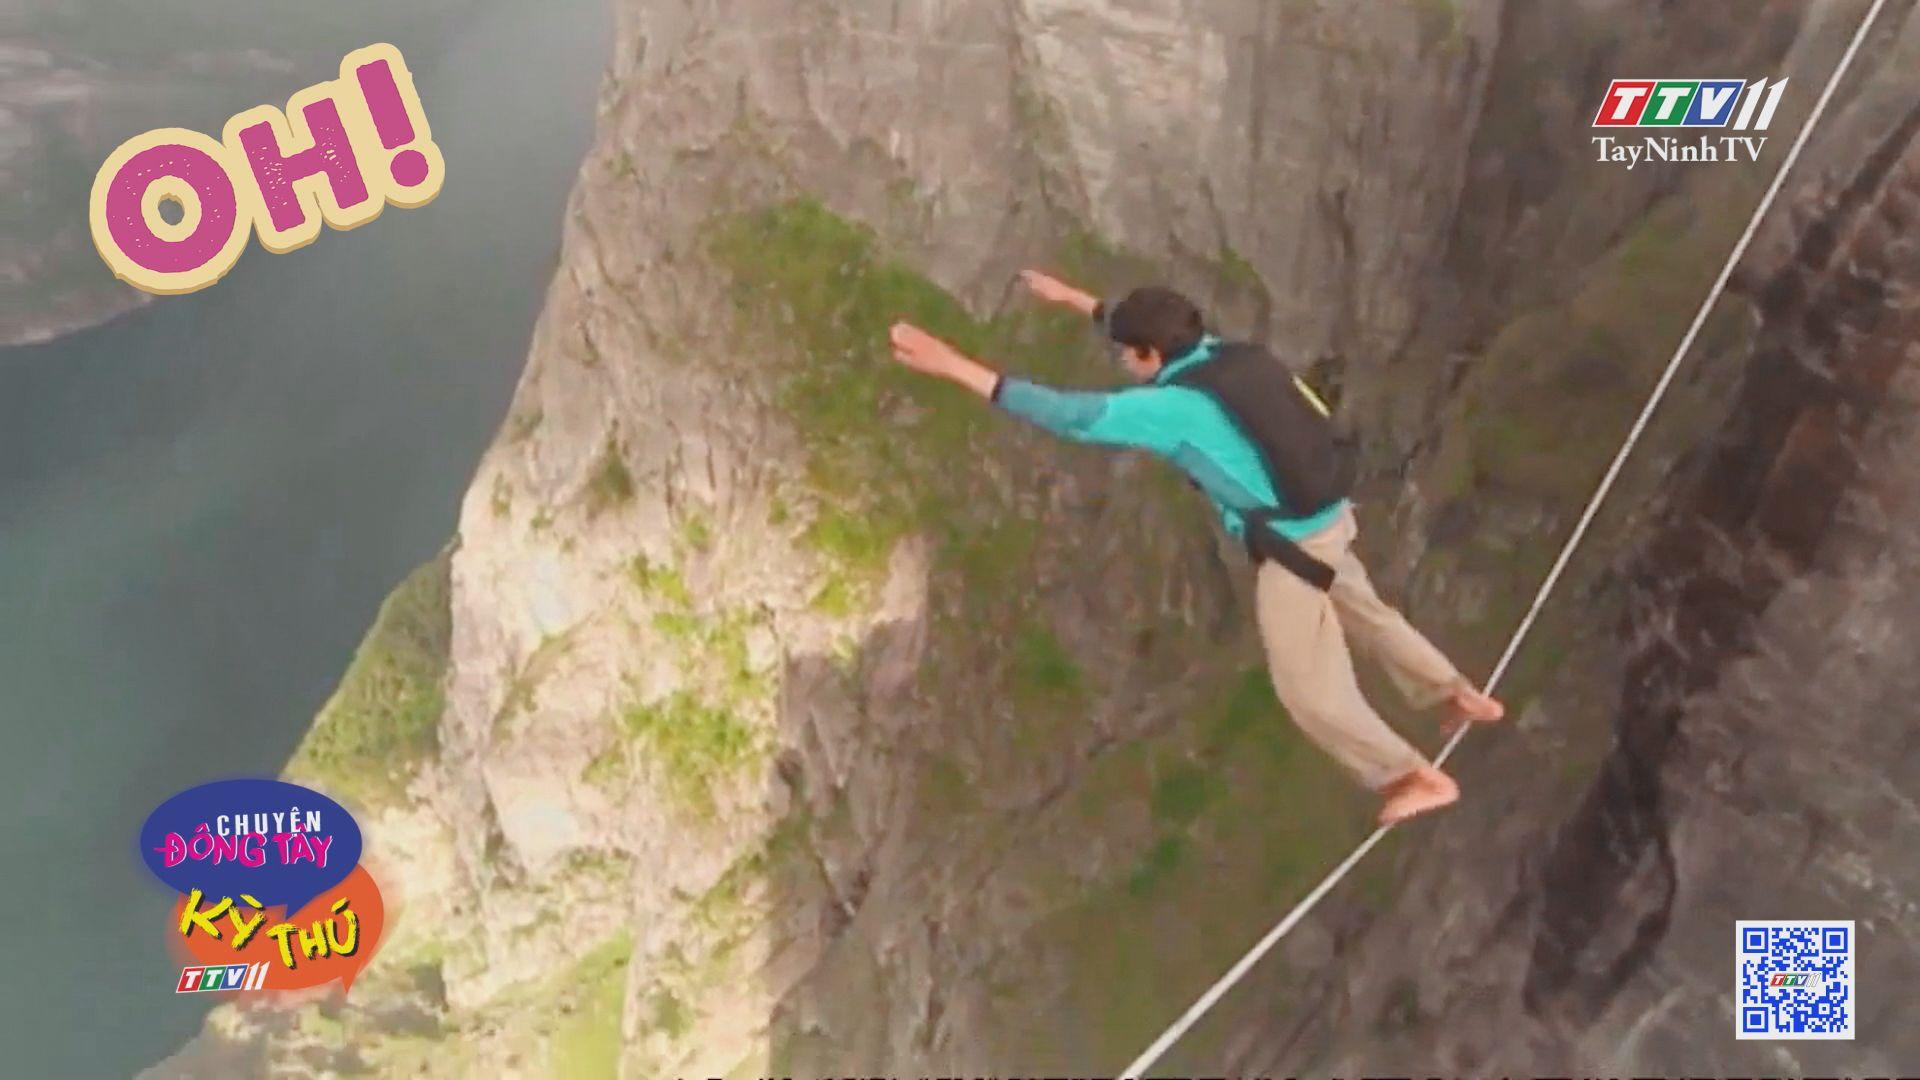 Người thích biểu diễn những pha mạo hiểm | CHUYỆN ĐÔNG TÂY KỲ THÚ | TayNinhTV